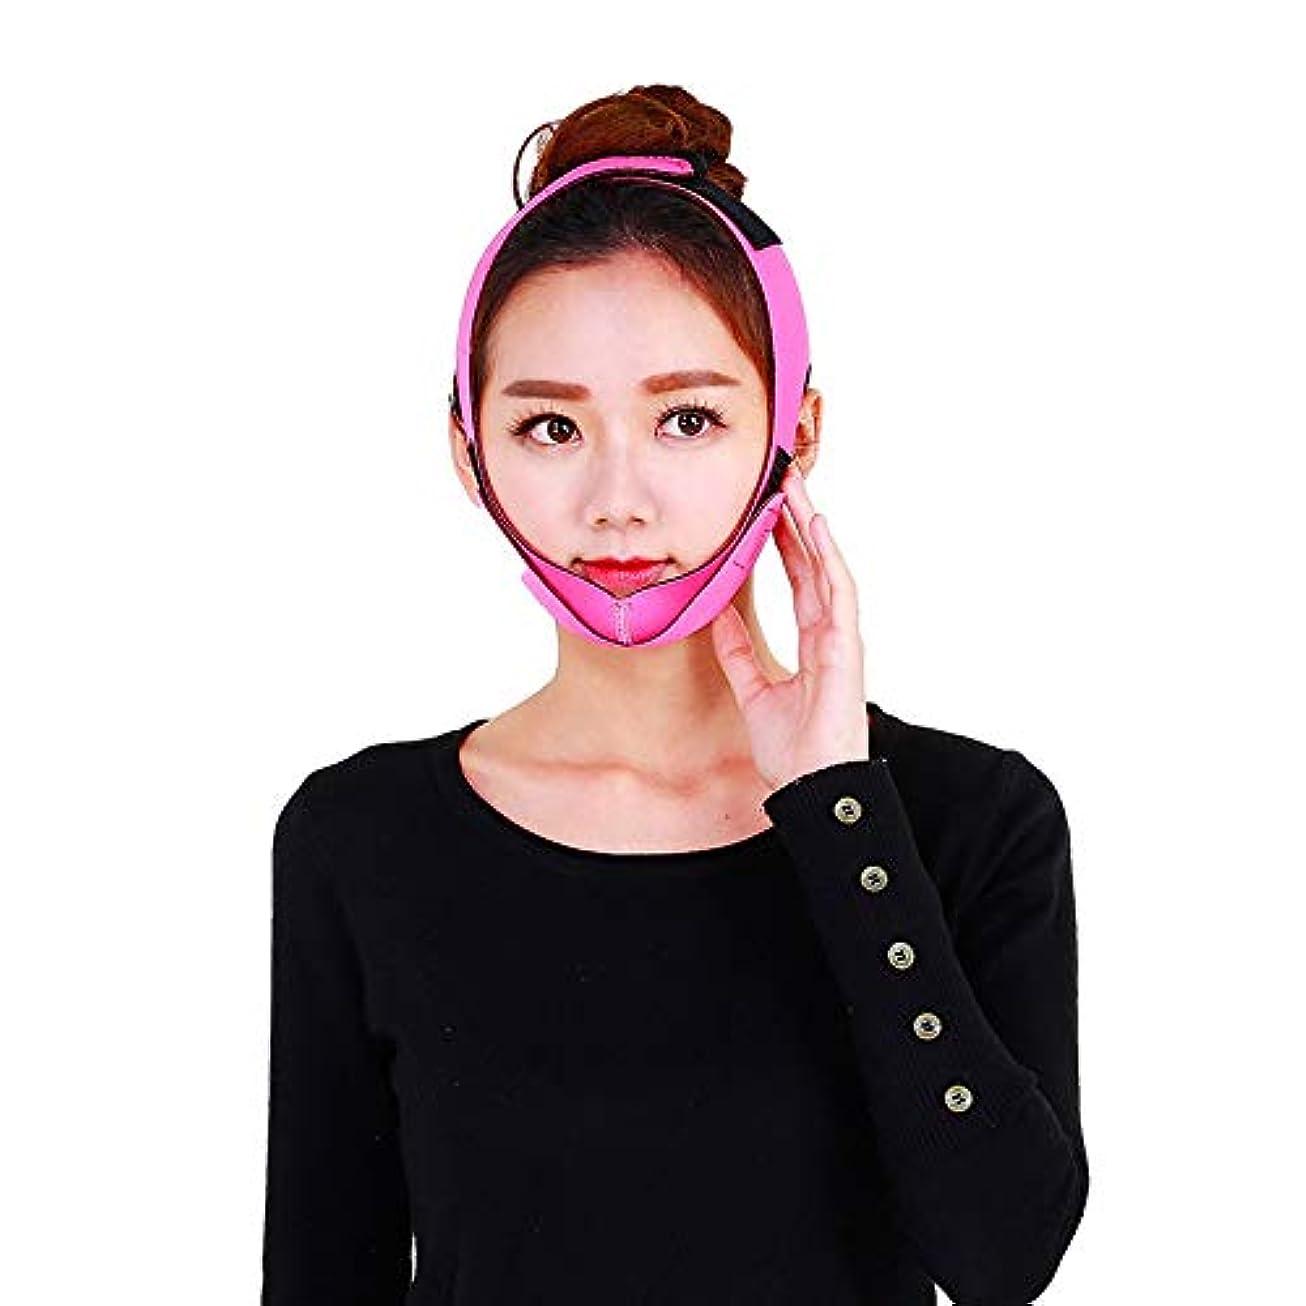 積極的に人工的な幻影Minmin 顔の持ち上がる痩身ベルト - 薄い顔包帯二重あごのデバイス無料の顔のマッサージ整形マスクが顔と首を締めます みんみんVラインフェイスマスク